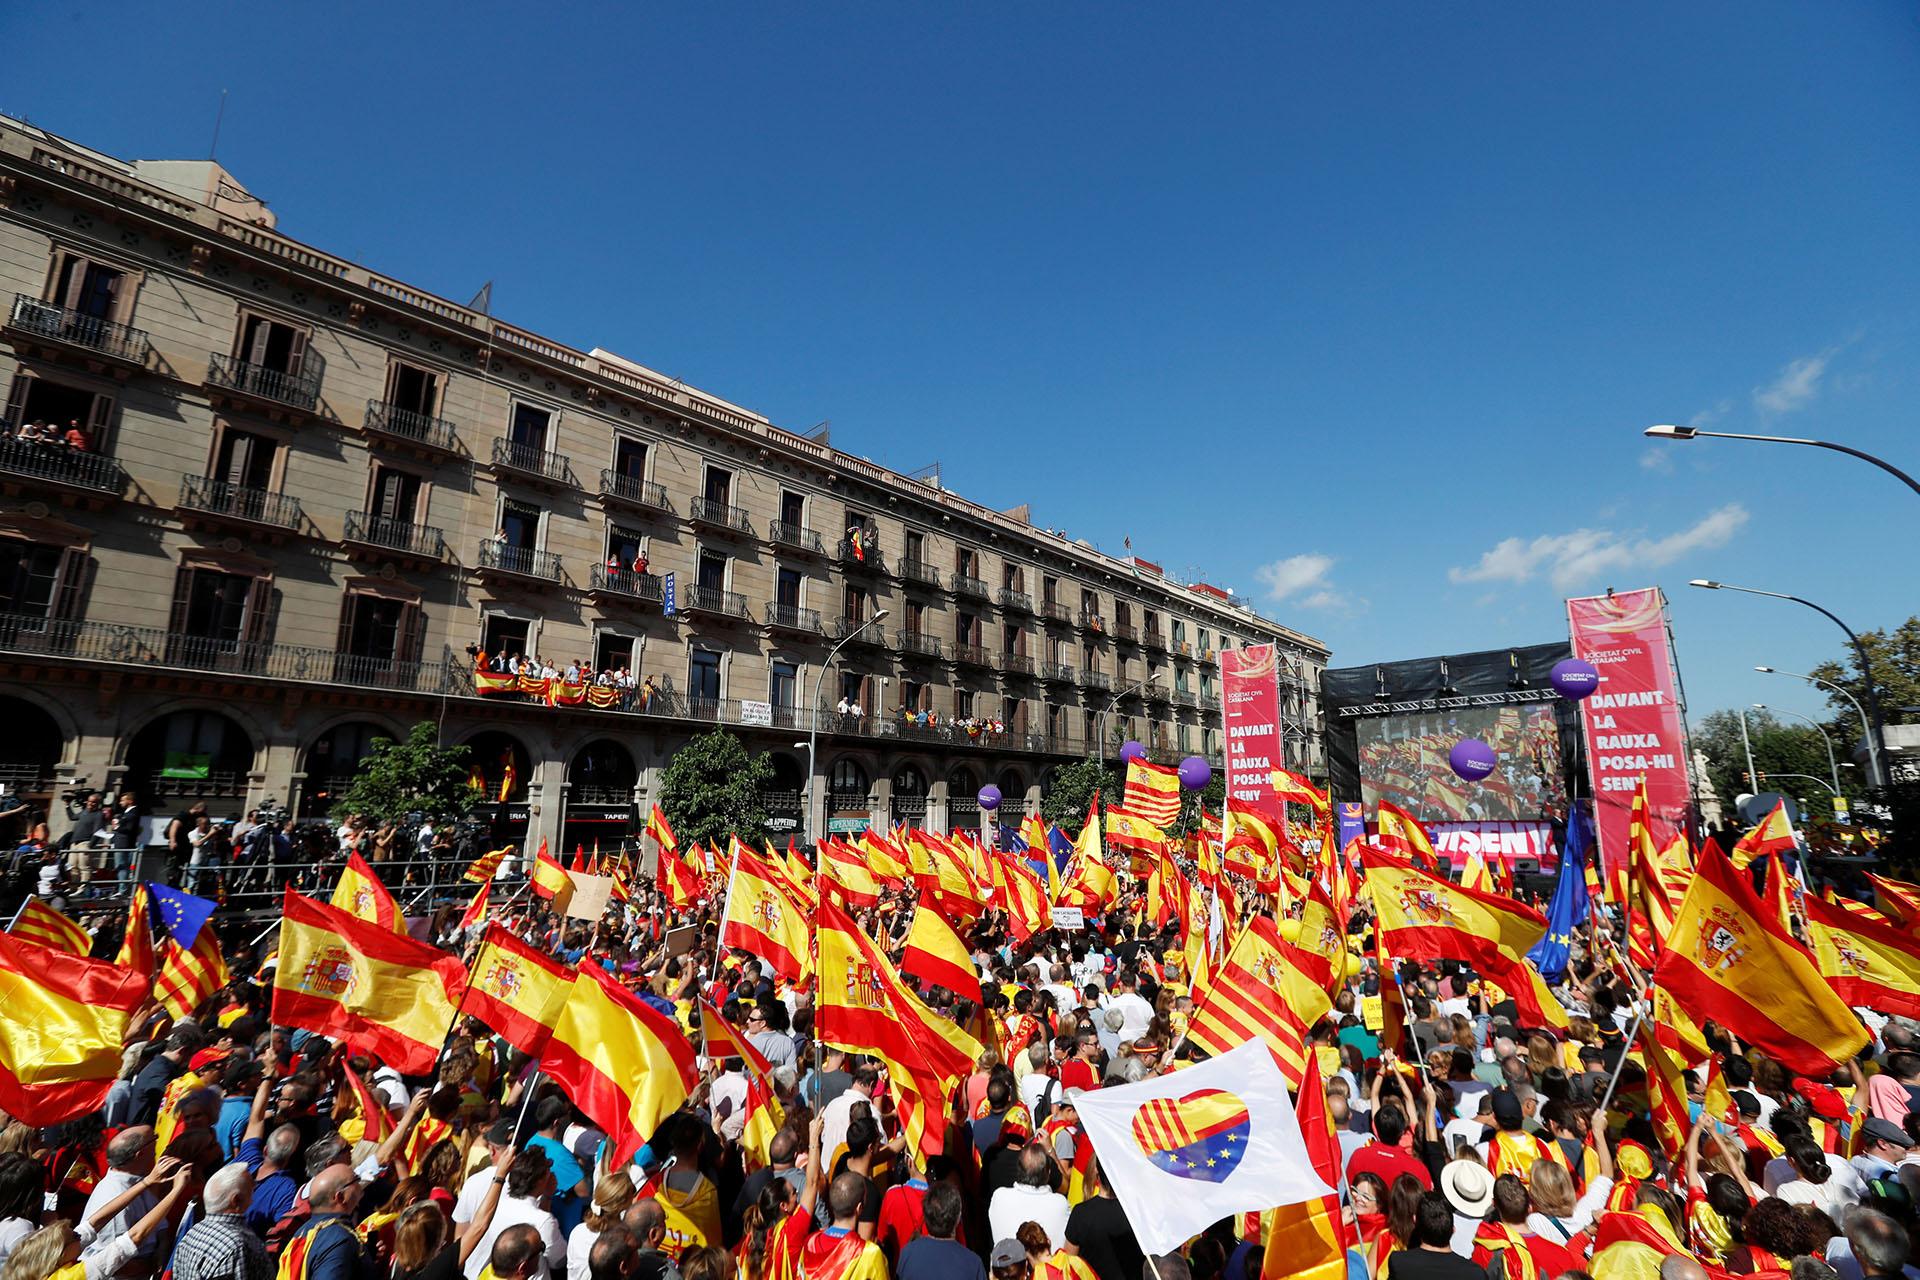 """Muchos en la multitud llevaban banderas de España y Cataluña y corearon lemas como """"No se engañen, Cataluña es España"""" y """"Puigdemont a prisión"""" refiriéndose al presidente de la región"""